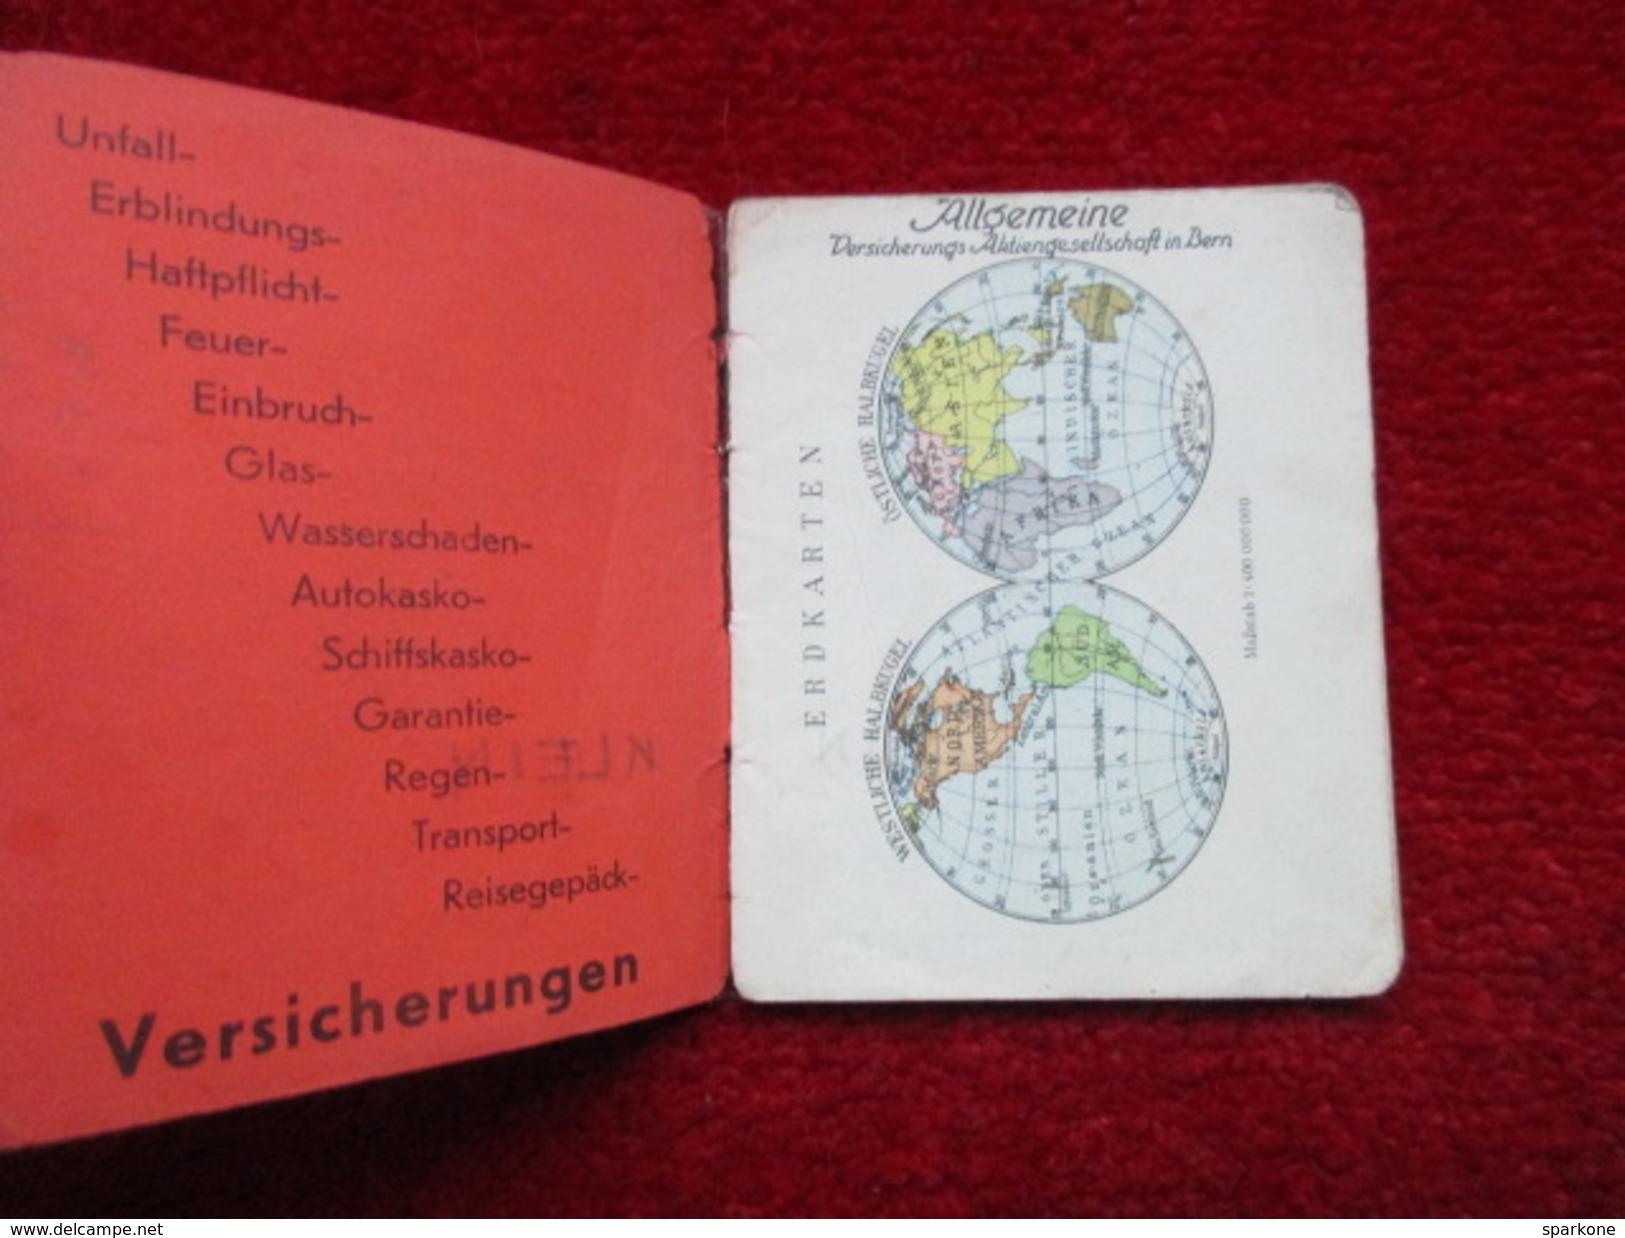 Allgemeine Versicherung Aktiengesellschaft In Bern / Klein Atlas - Atlas